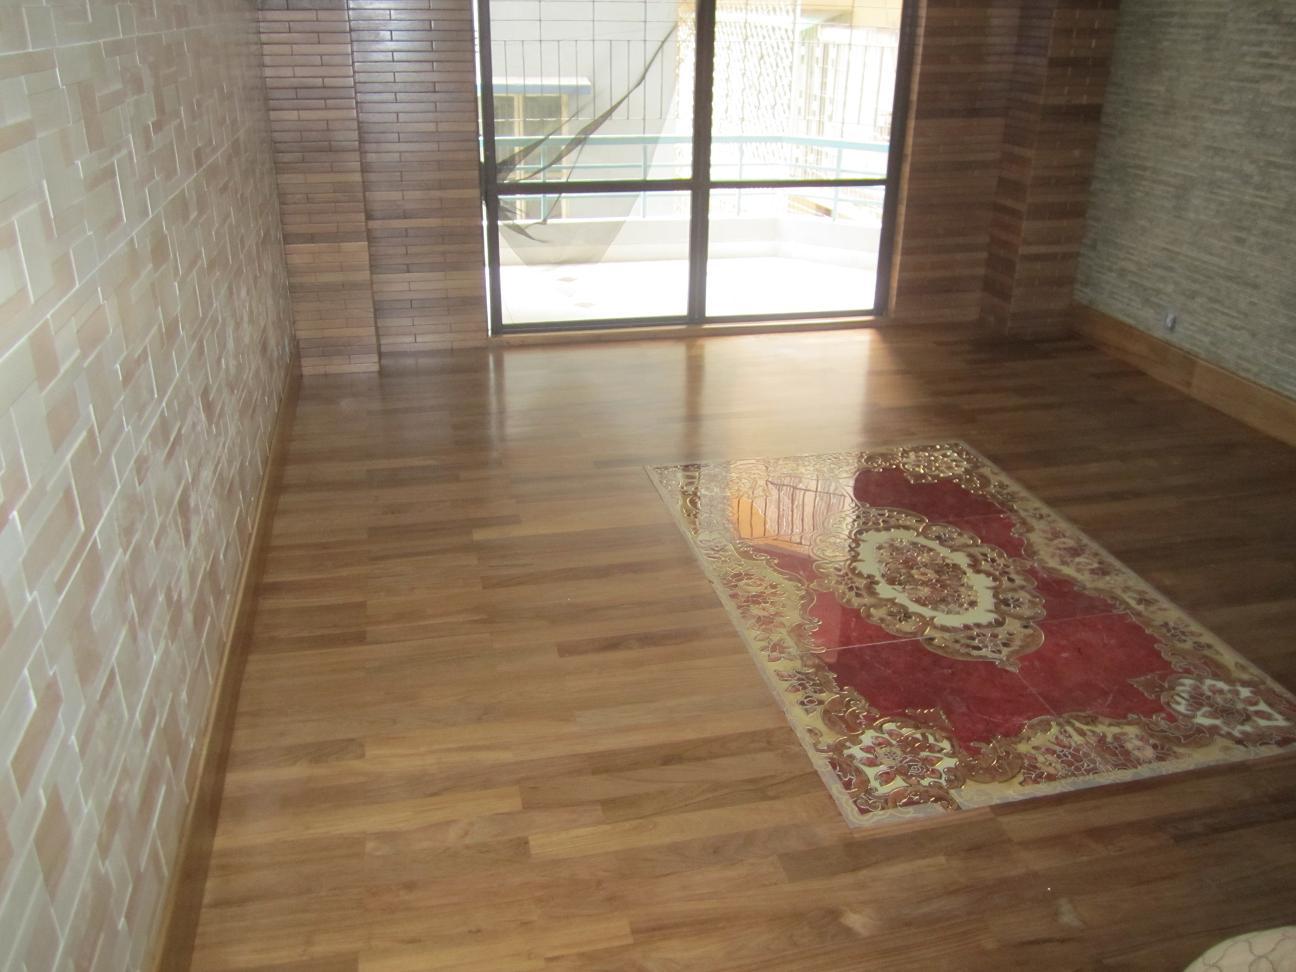 Used Computer Room Floor Tiles : Wooden floor tiles clickbd